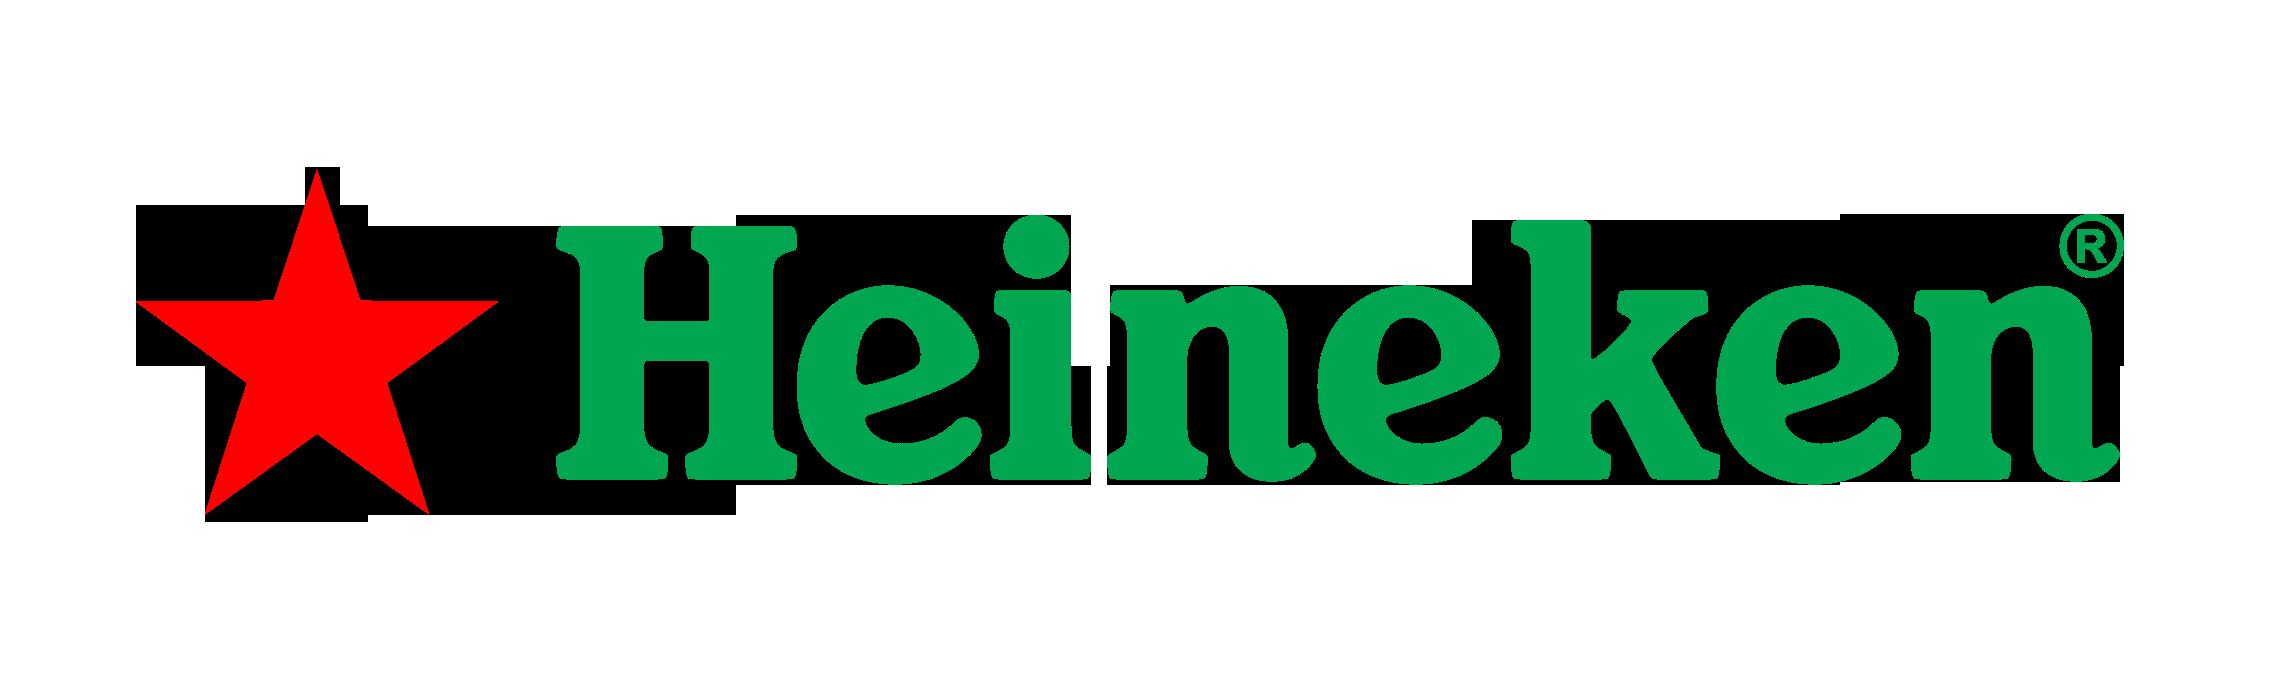 Font-Heineken-Logo - 1nspiring